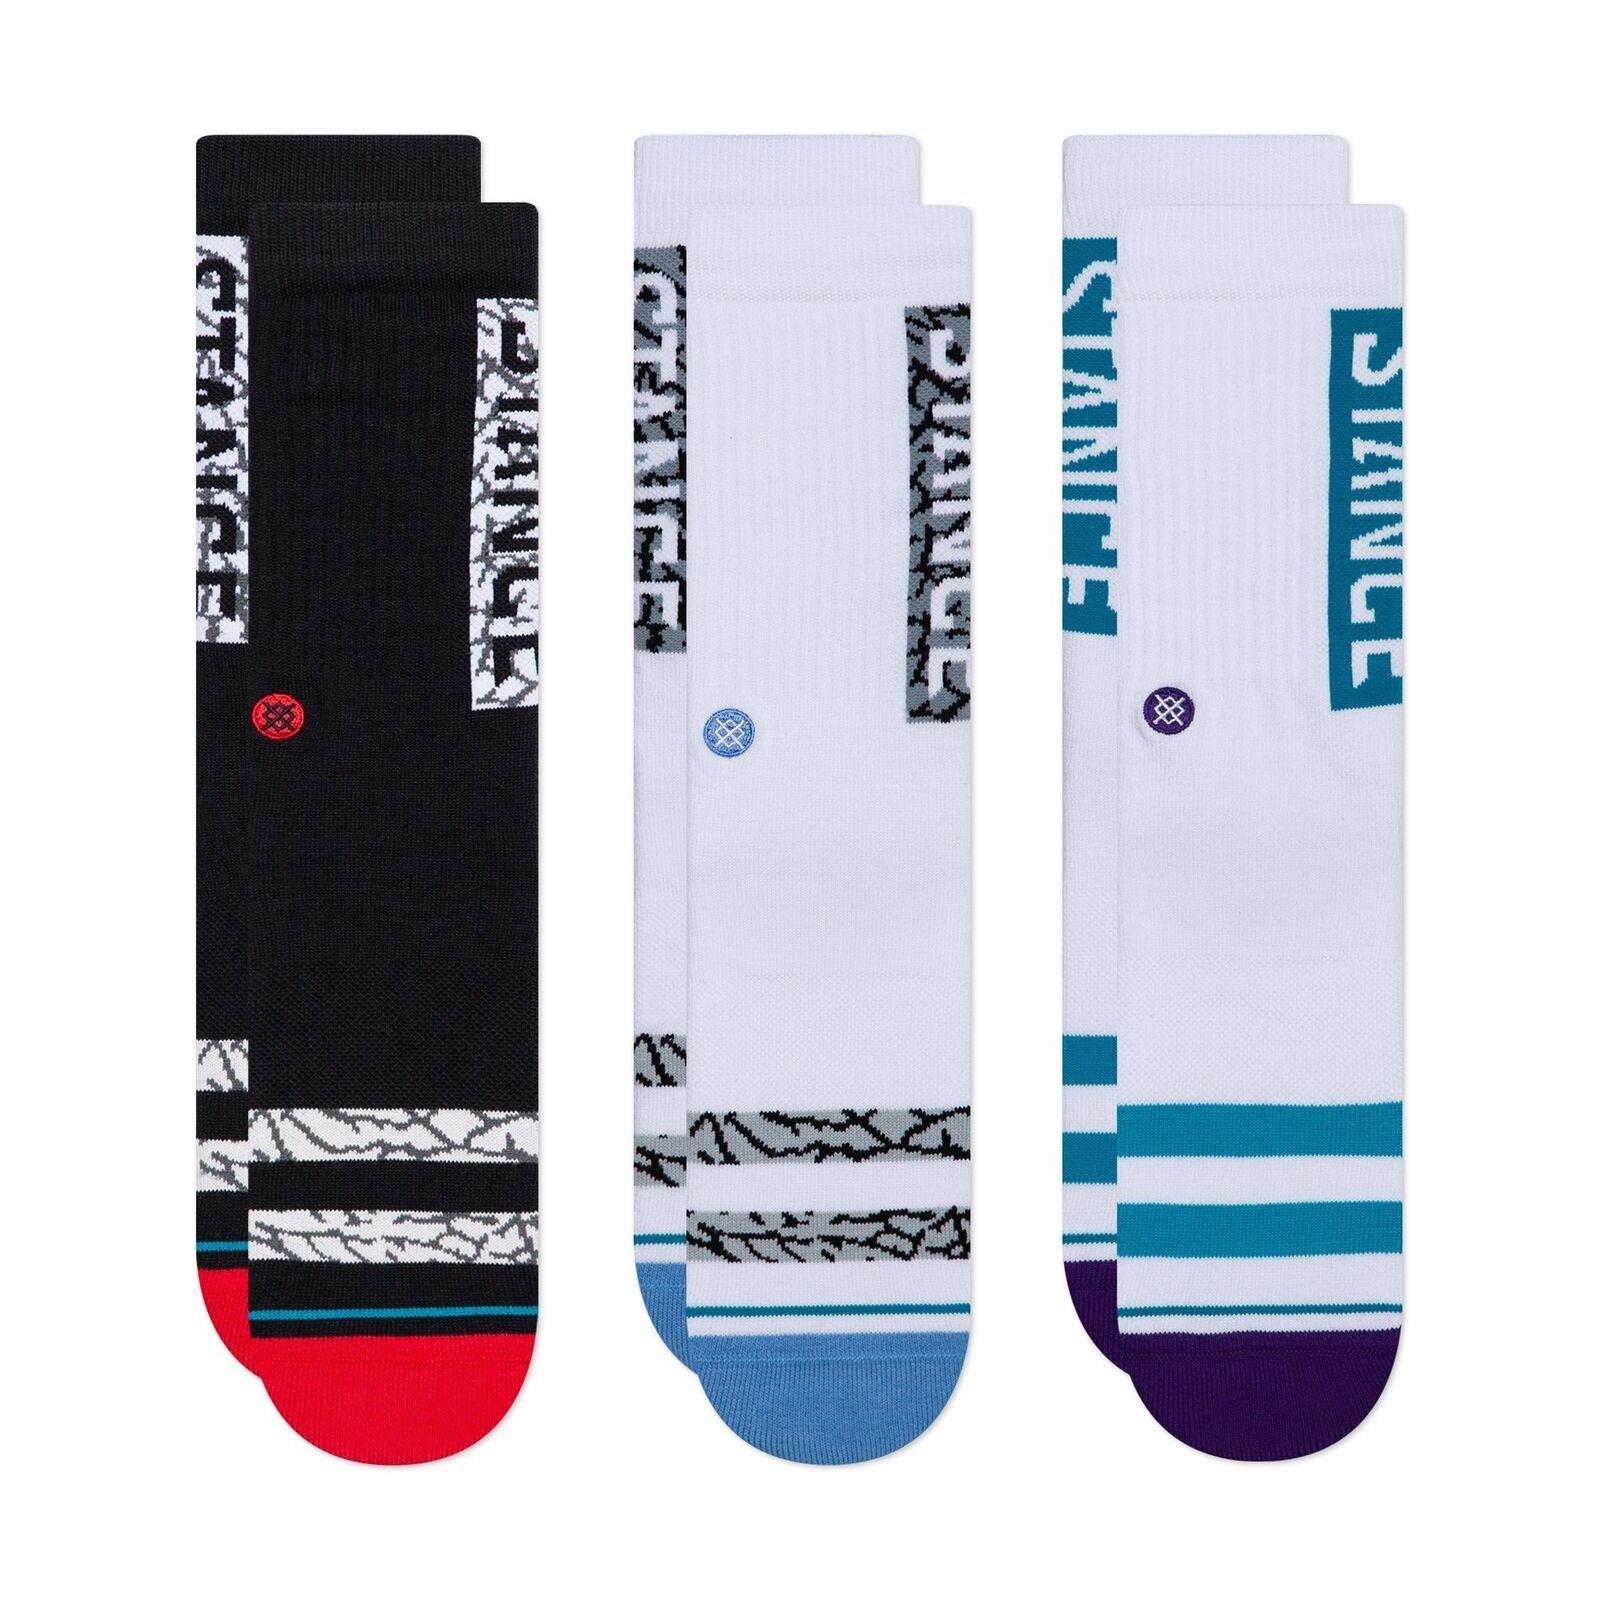 Stance OG 3er Pack Classic Socken Herren L 43 44 45 46 47 Schwarz Weiss